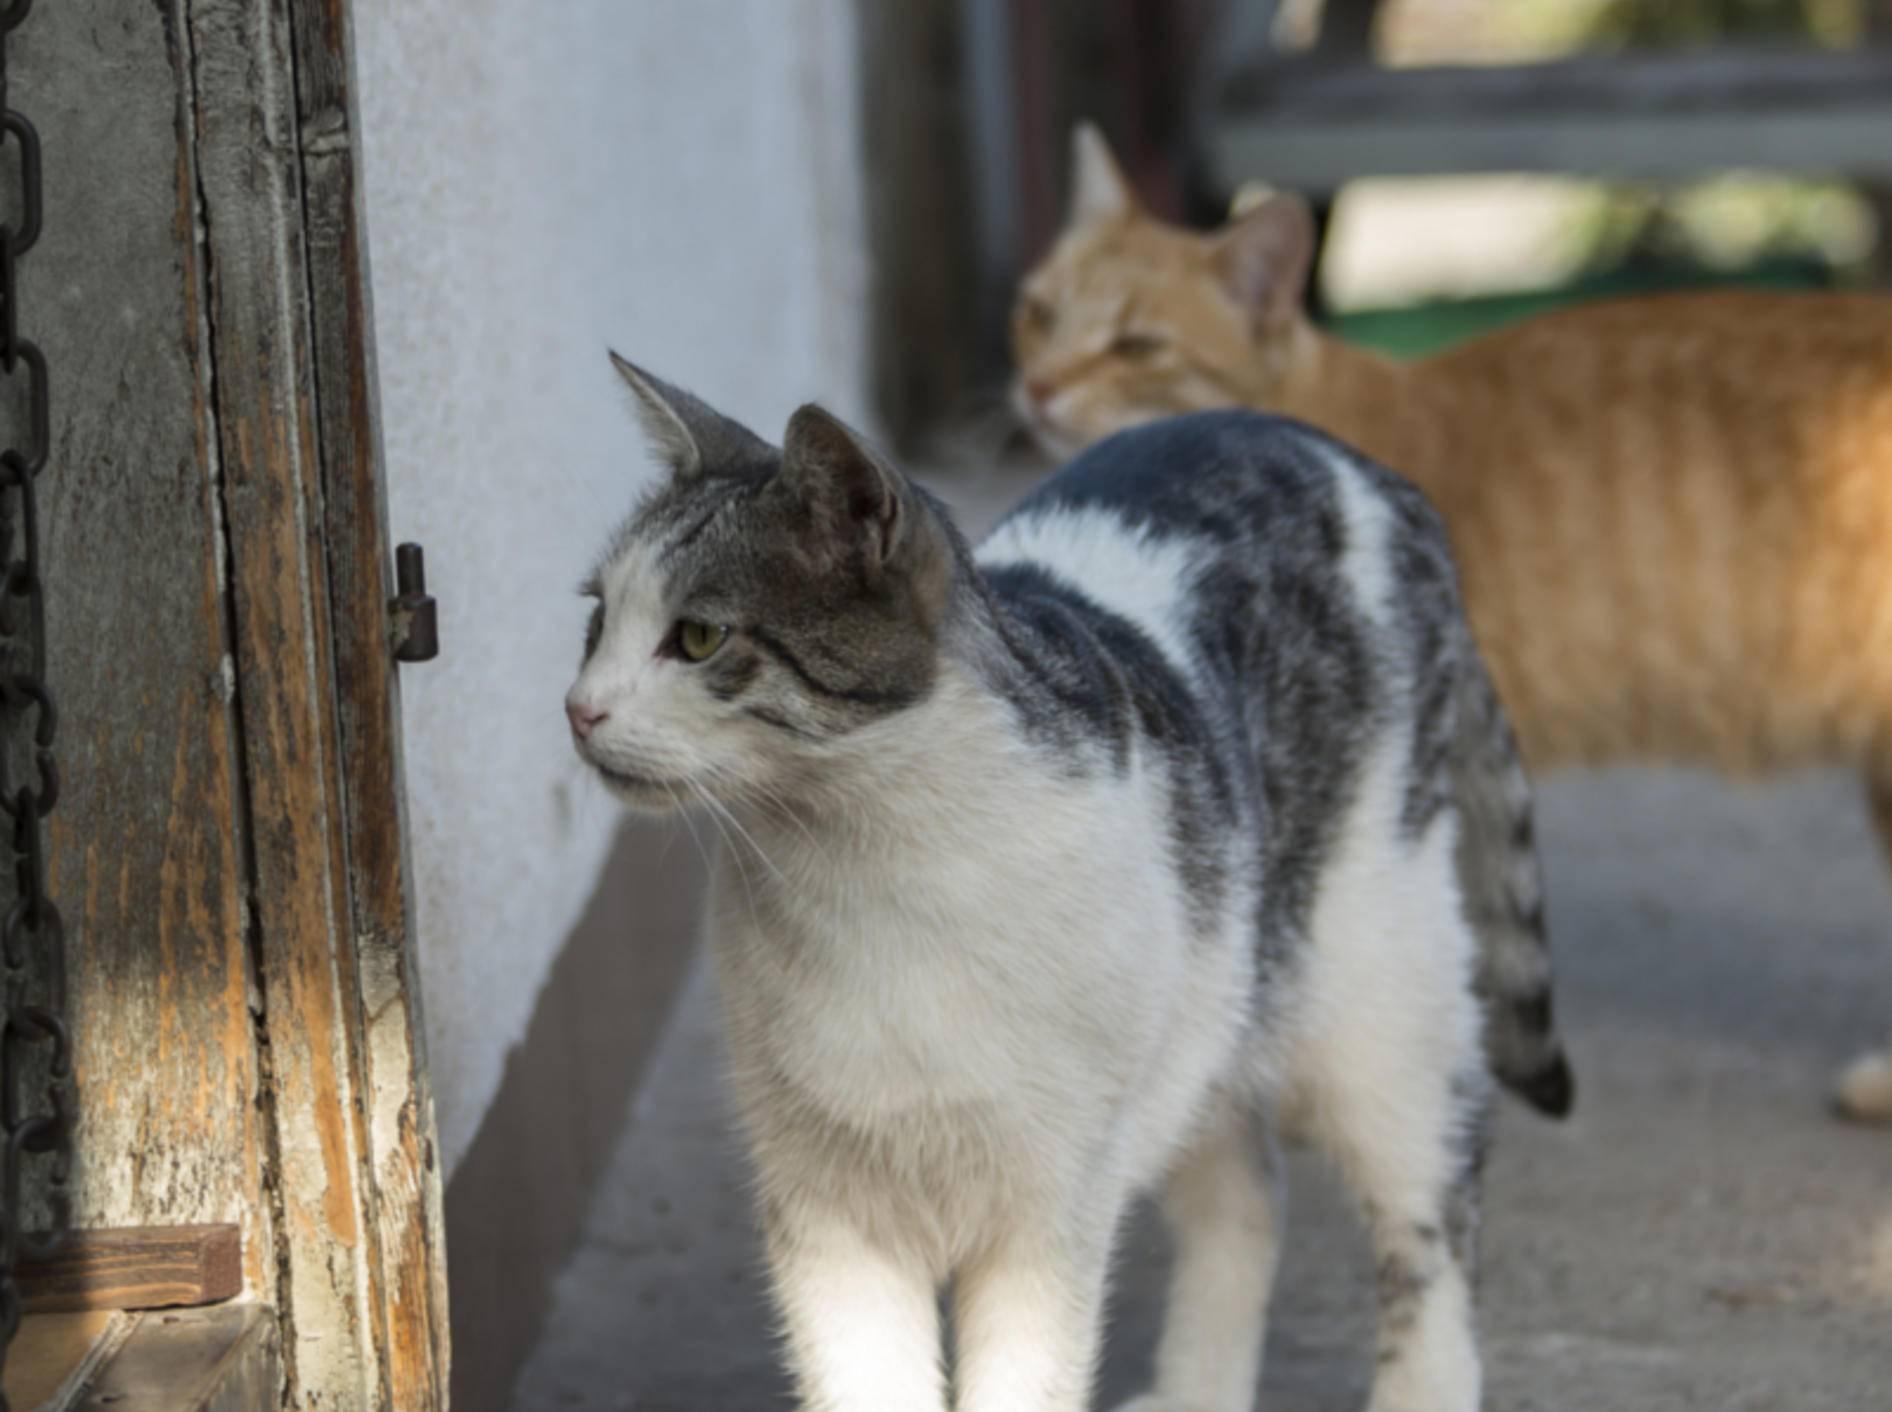 Katzen sind freiheitsliebend und neugierig. Beste Voraussetzungen, um die Nachbarn zu besuchen – shutterstock / Robert Petrovi